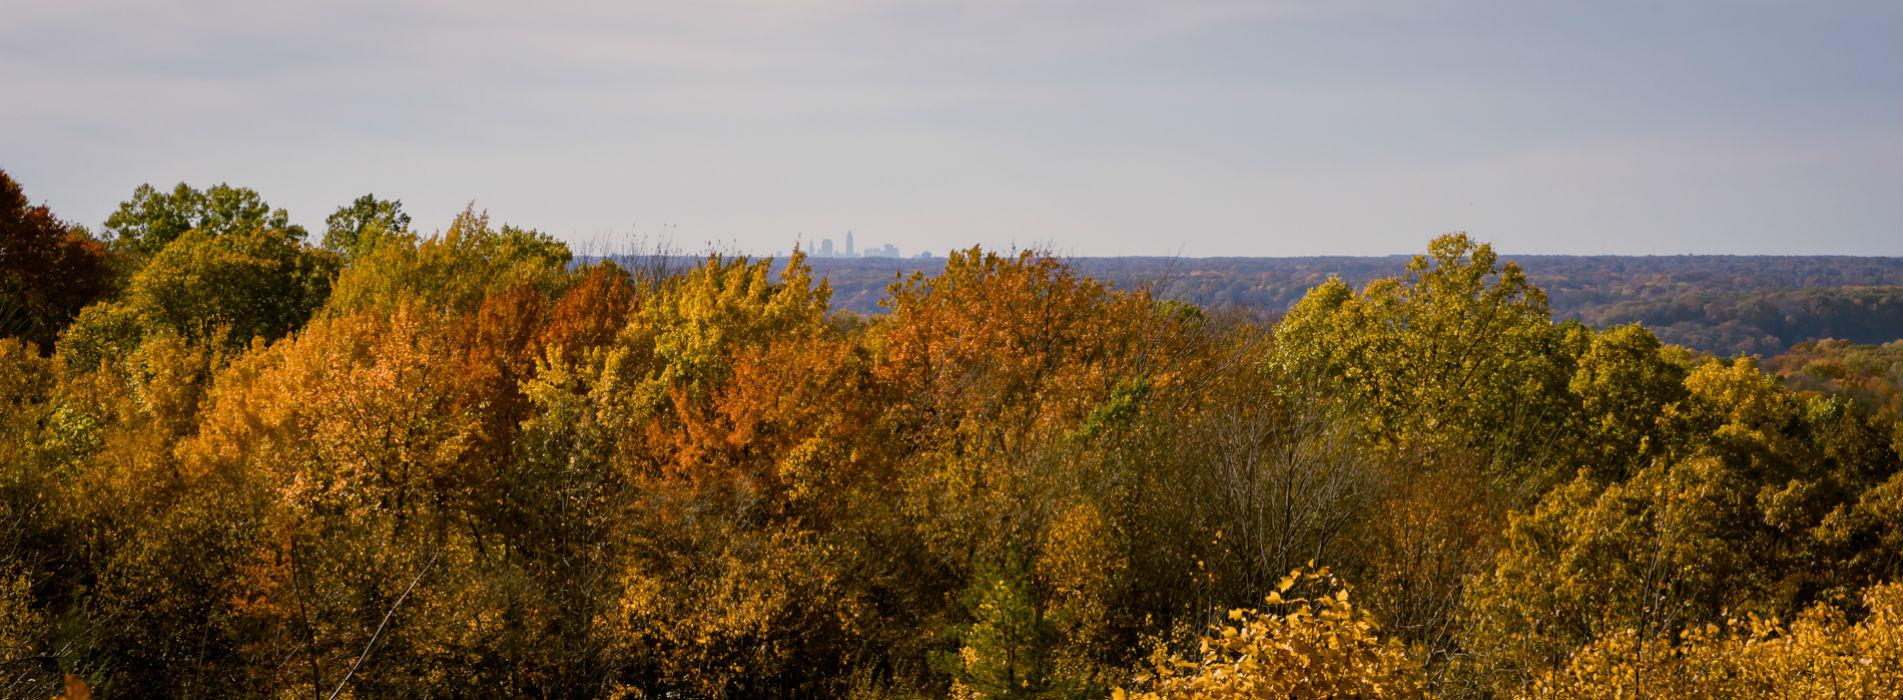 Autumn in City of Kirtland Ohio